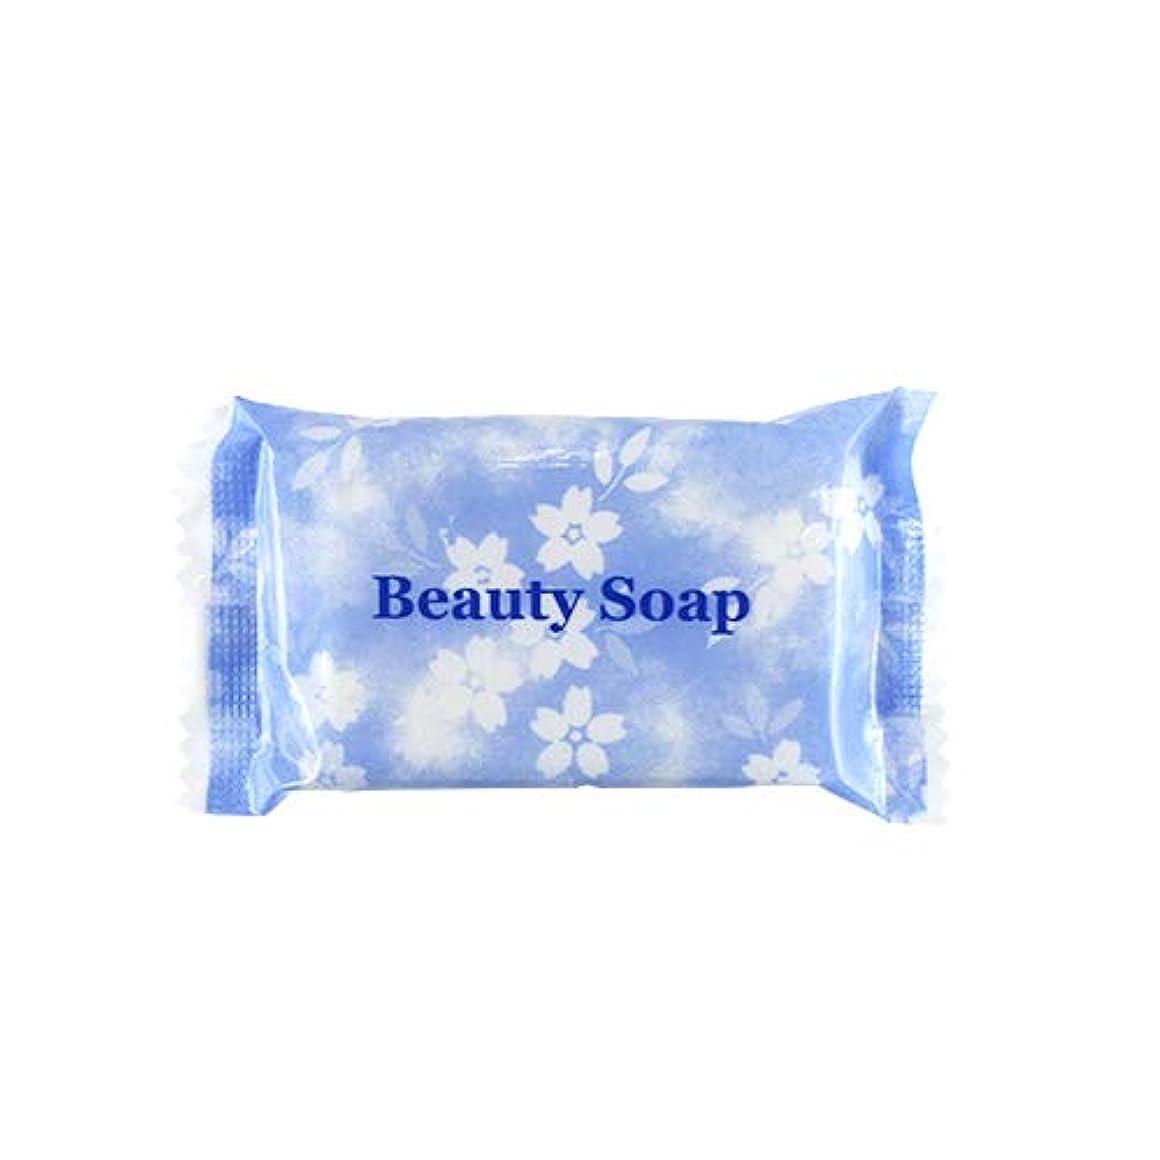 と闘うちょうつがいアラバマ業務用 クロバーコーポレーション ビューティーソープ(Beauty Soap) 15g×100個セット | ホテルアメニティ 個包装